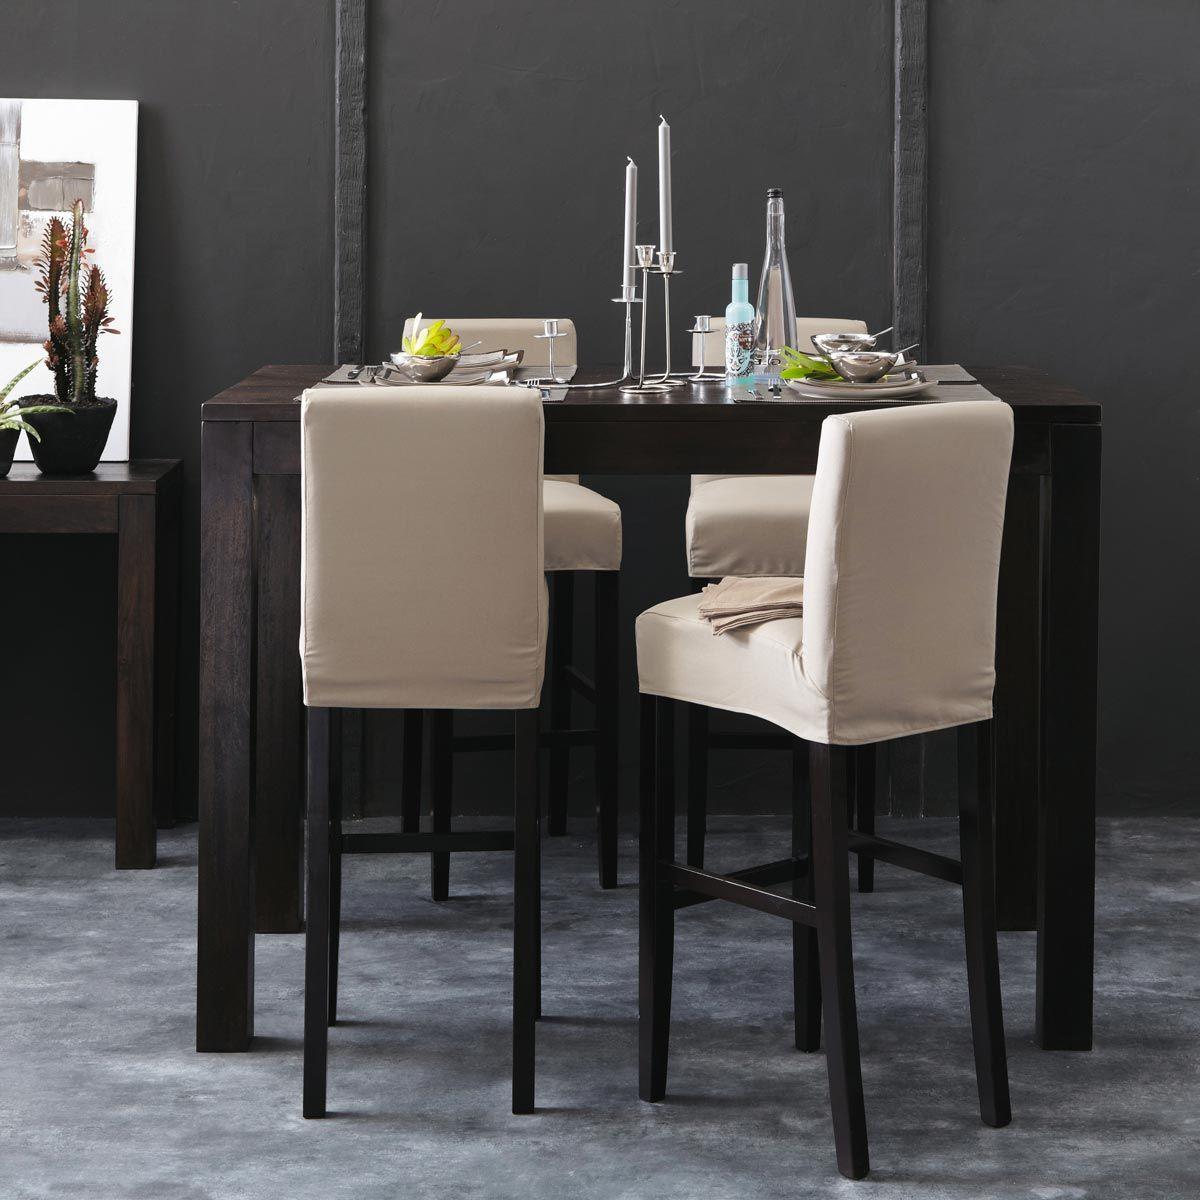 Risultati immagini per tavolo alto cucina | cucina | Pinterest